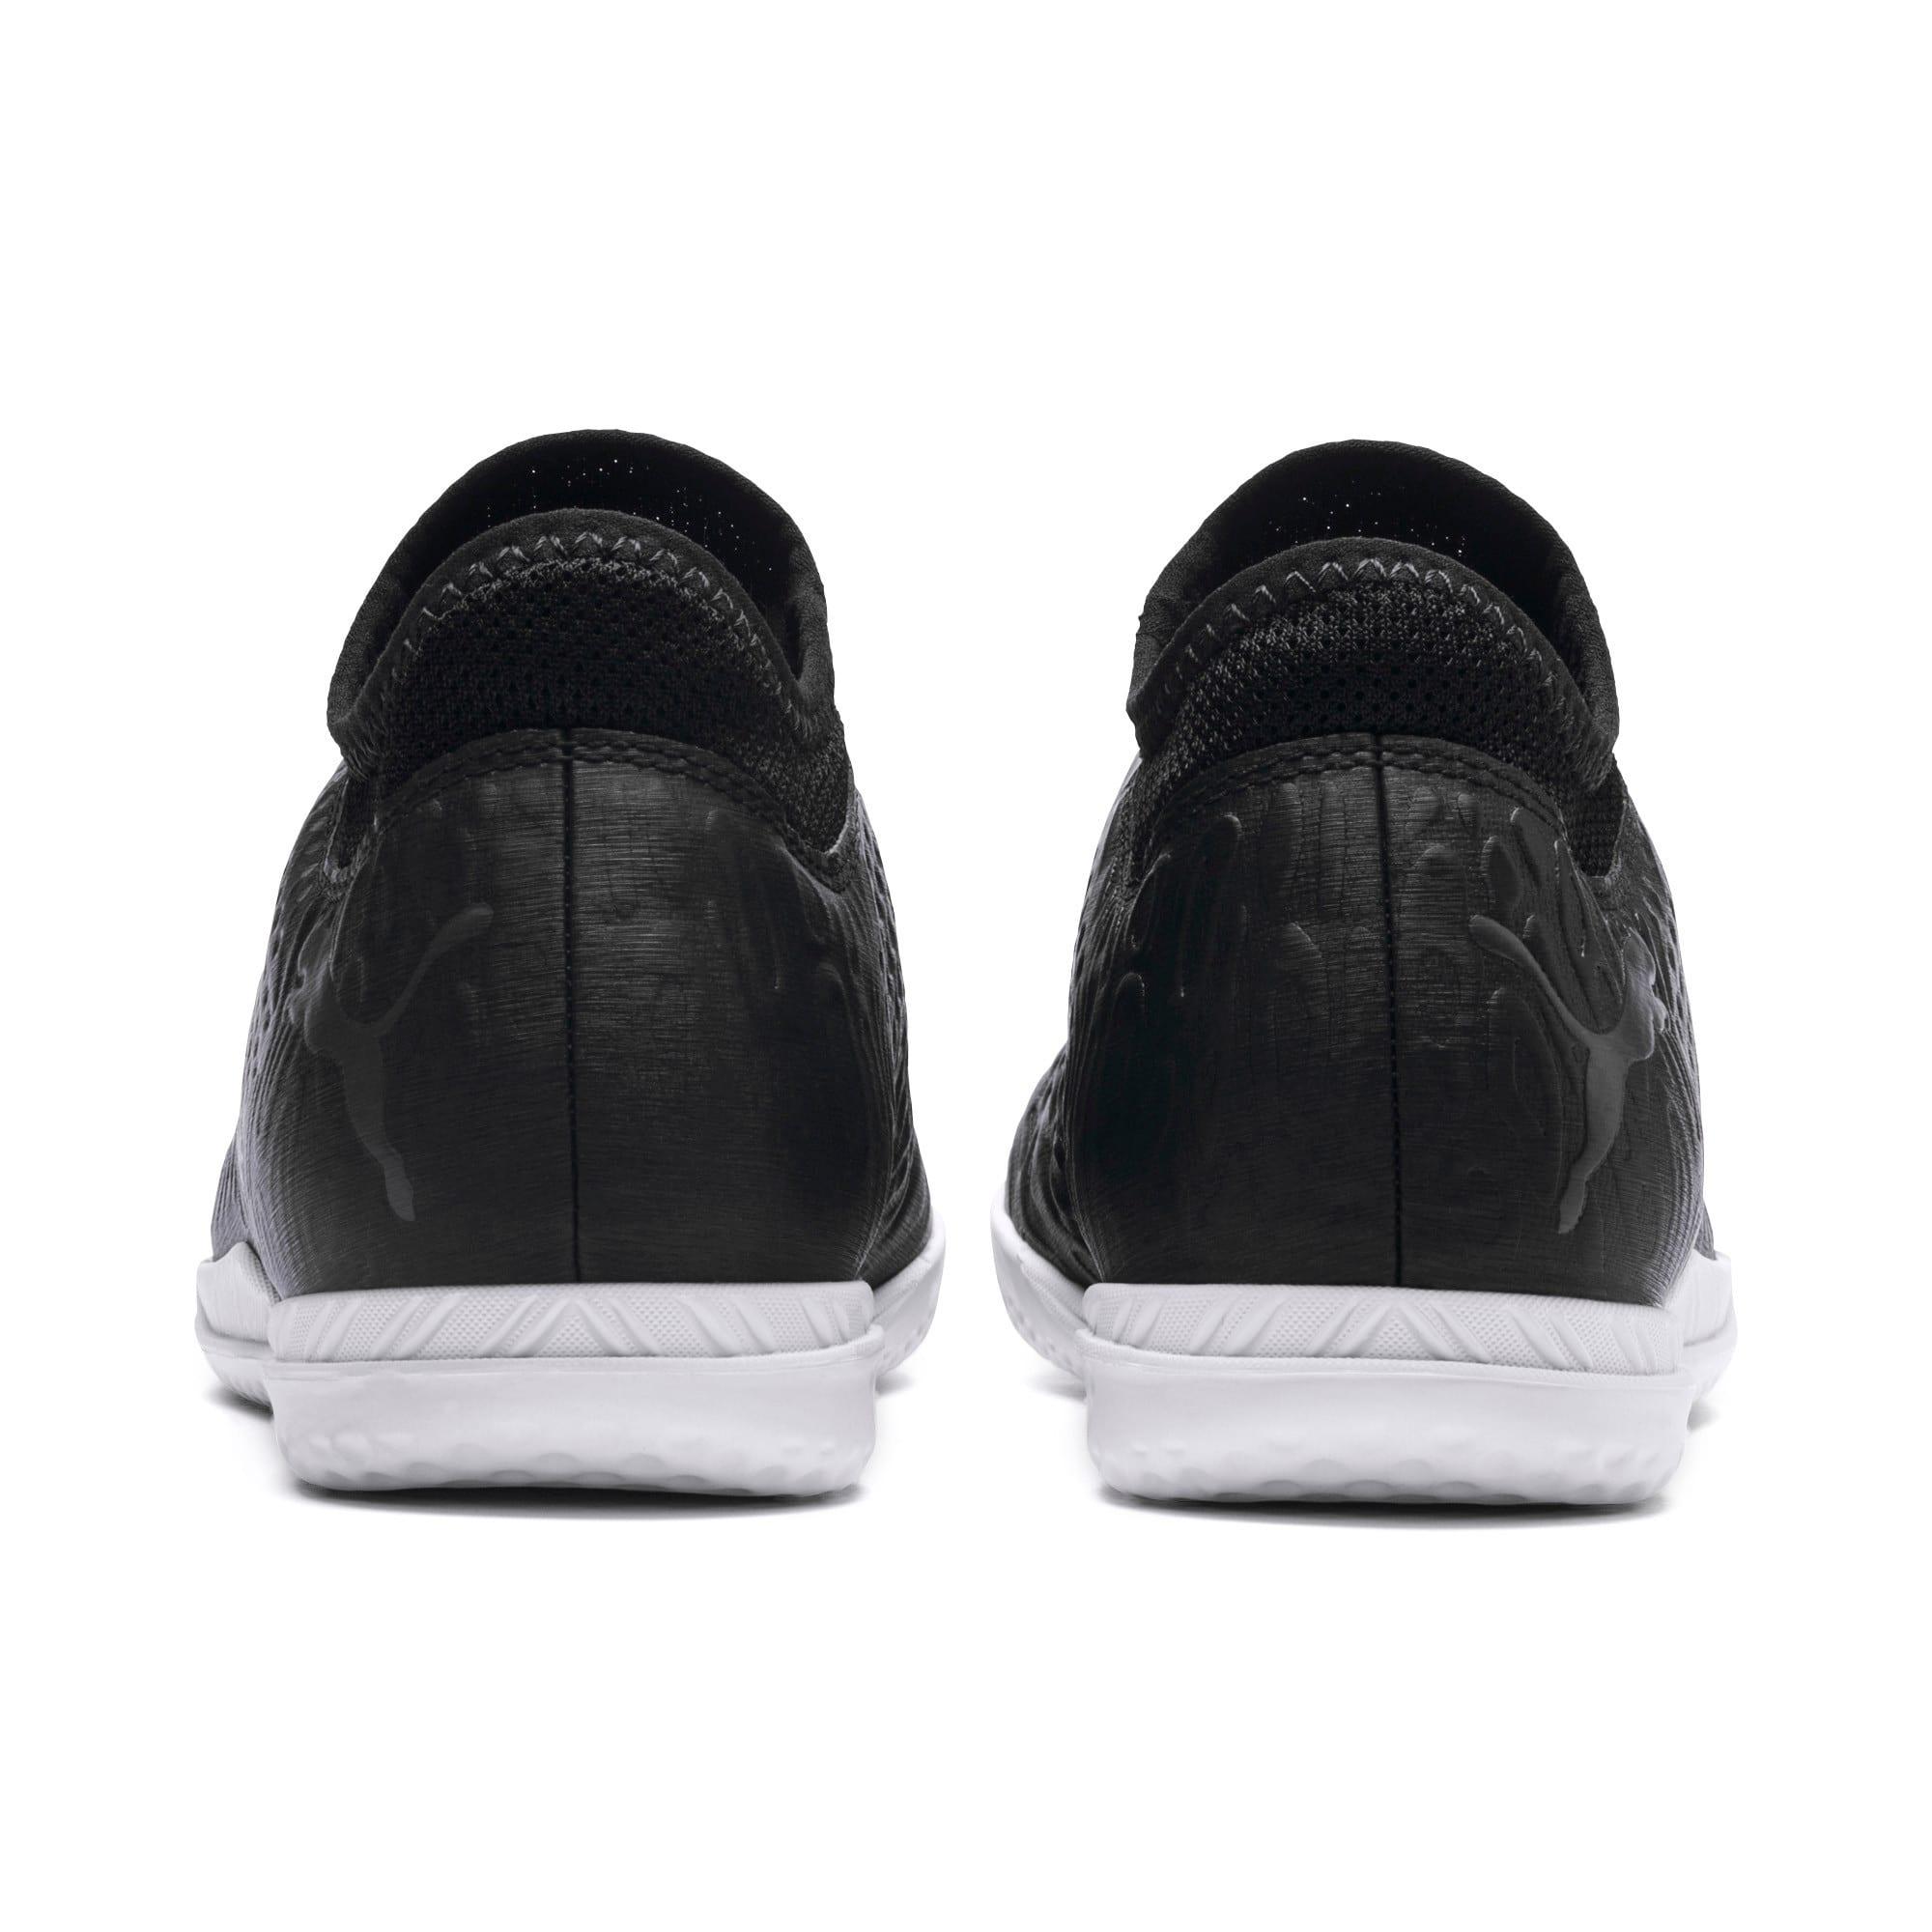 Thumbnail 4 of FUTURE 19.4 IT Soccer Shoes JR, Puma Black-Puma Black-White, medium